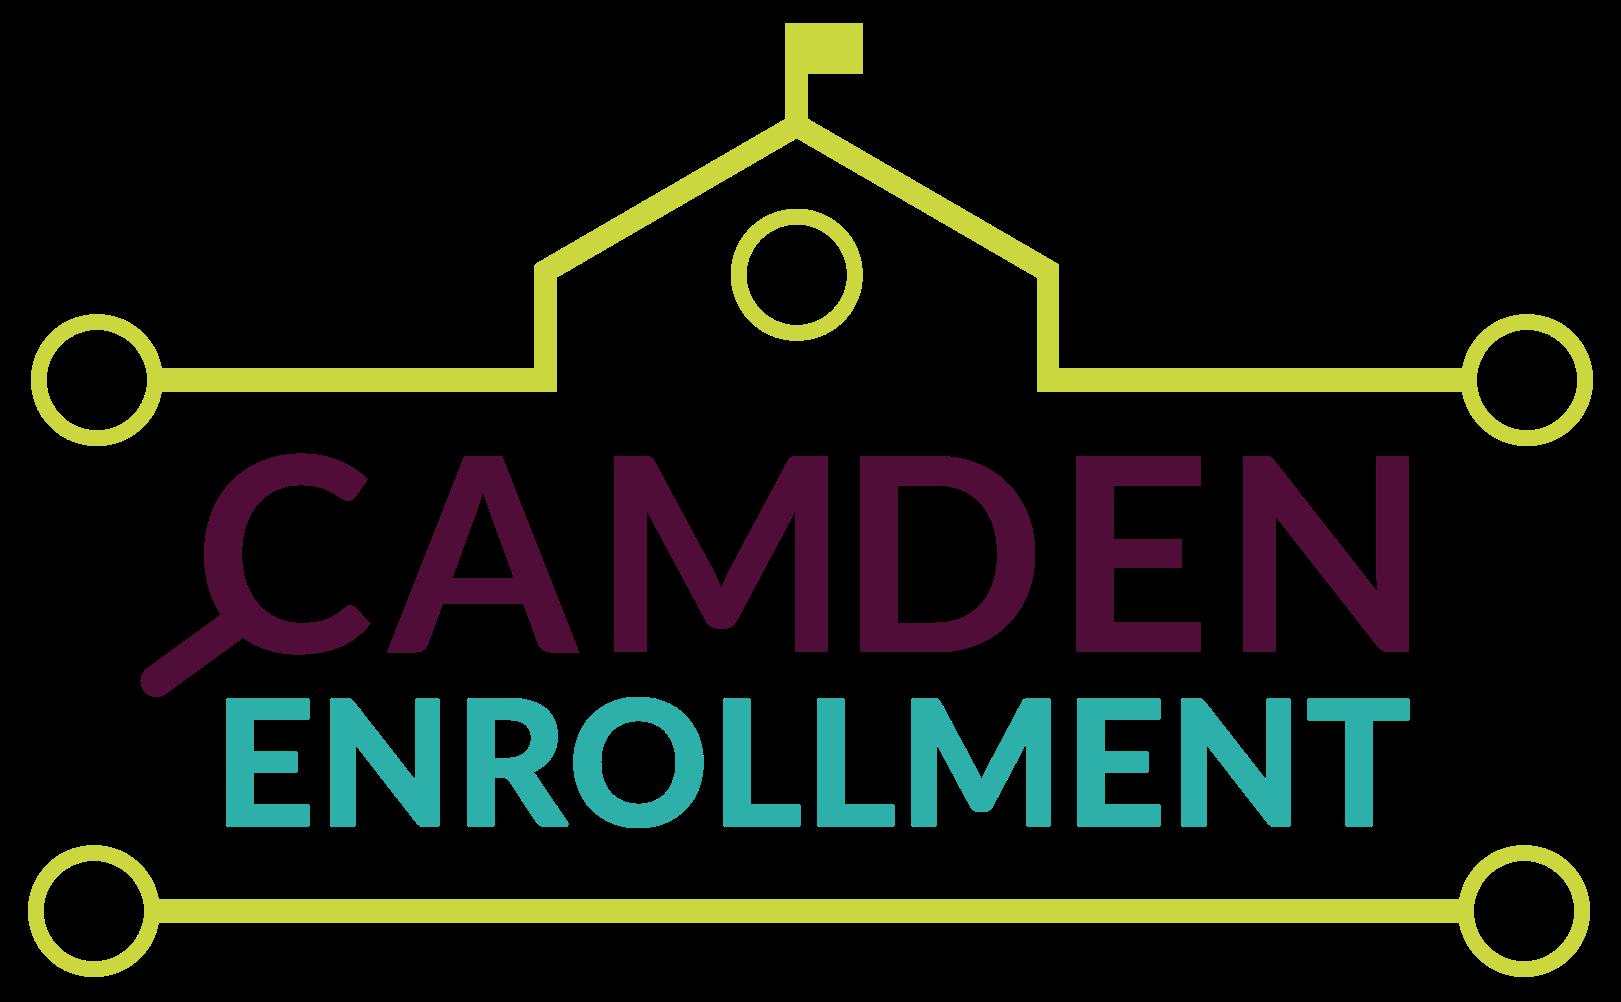 camden enrollment